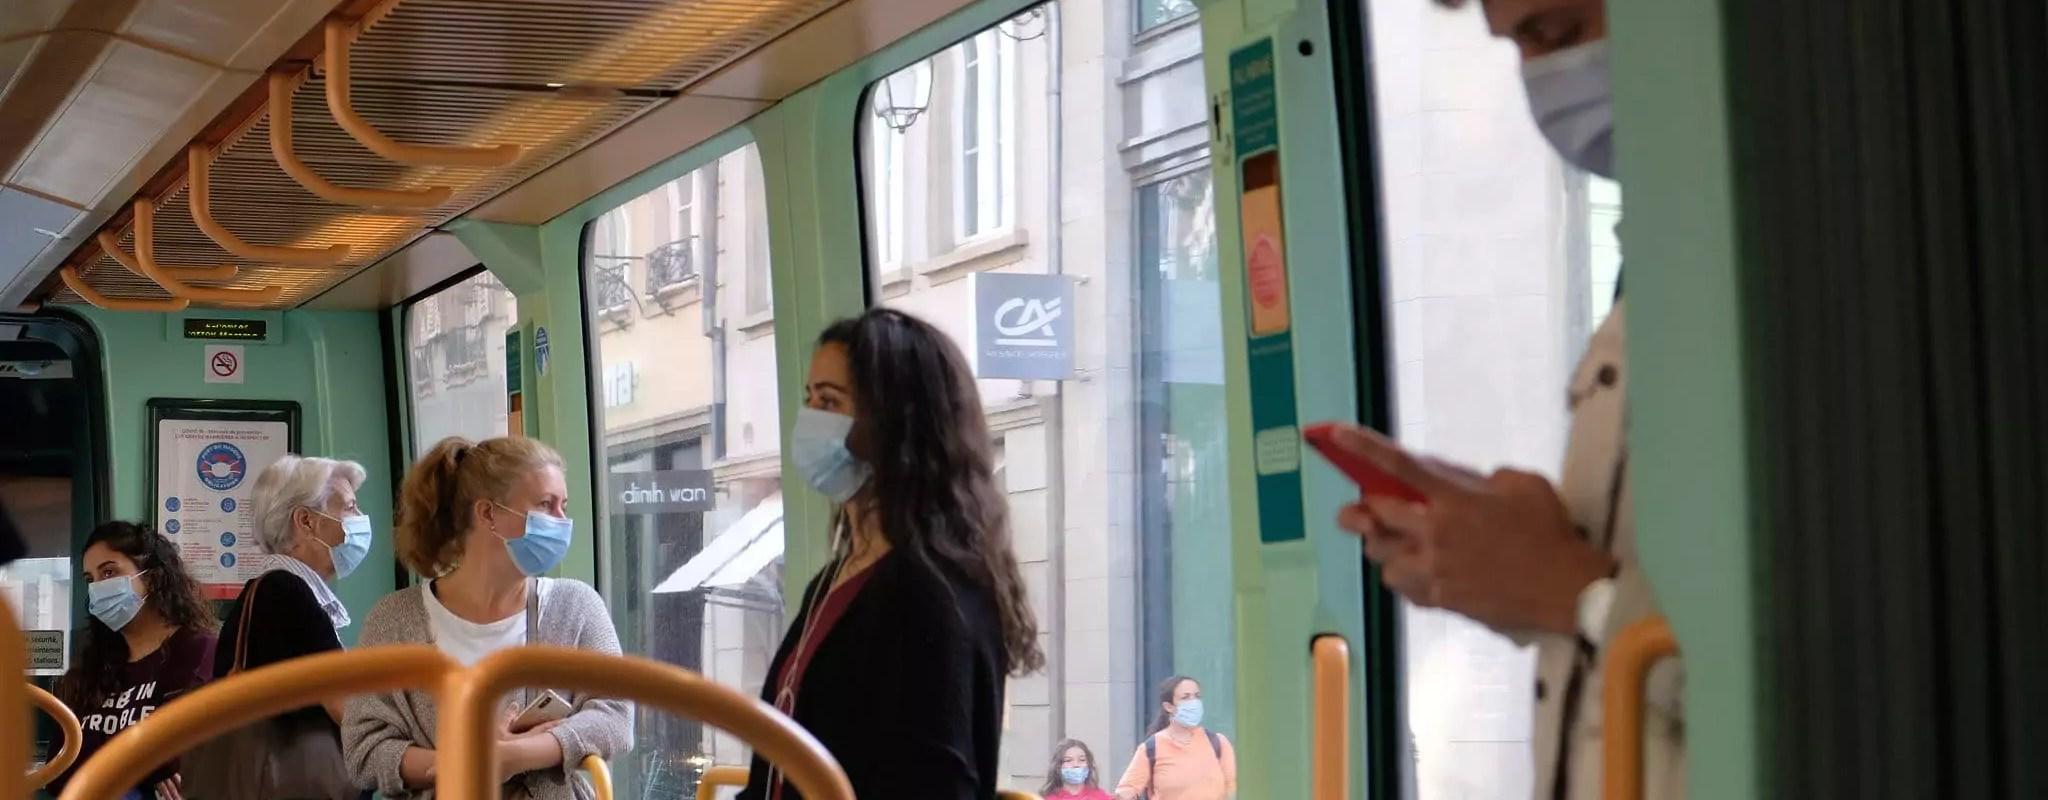 Mardi, la pollution aux particules entraîne la gratuité des transports en commun